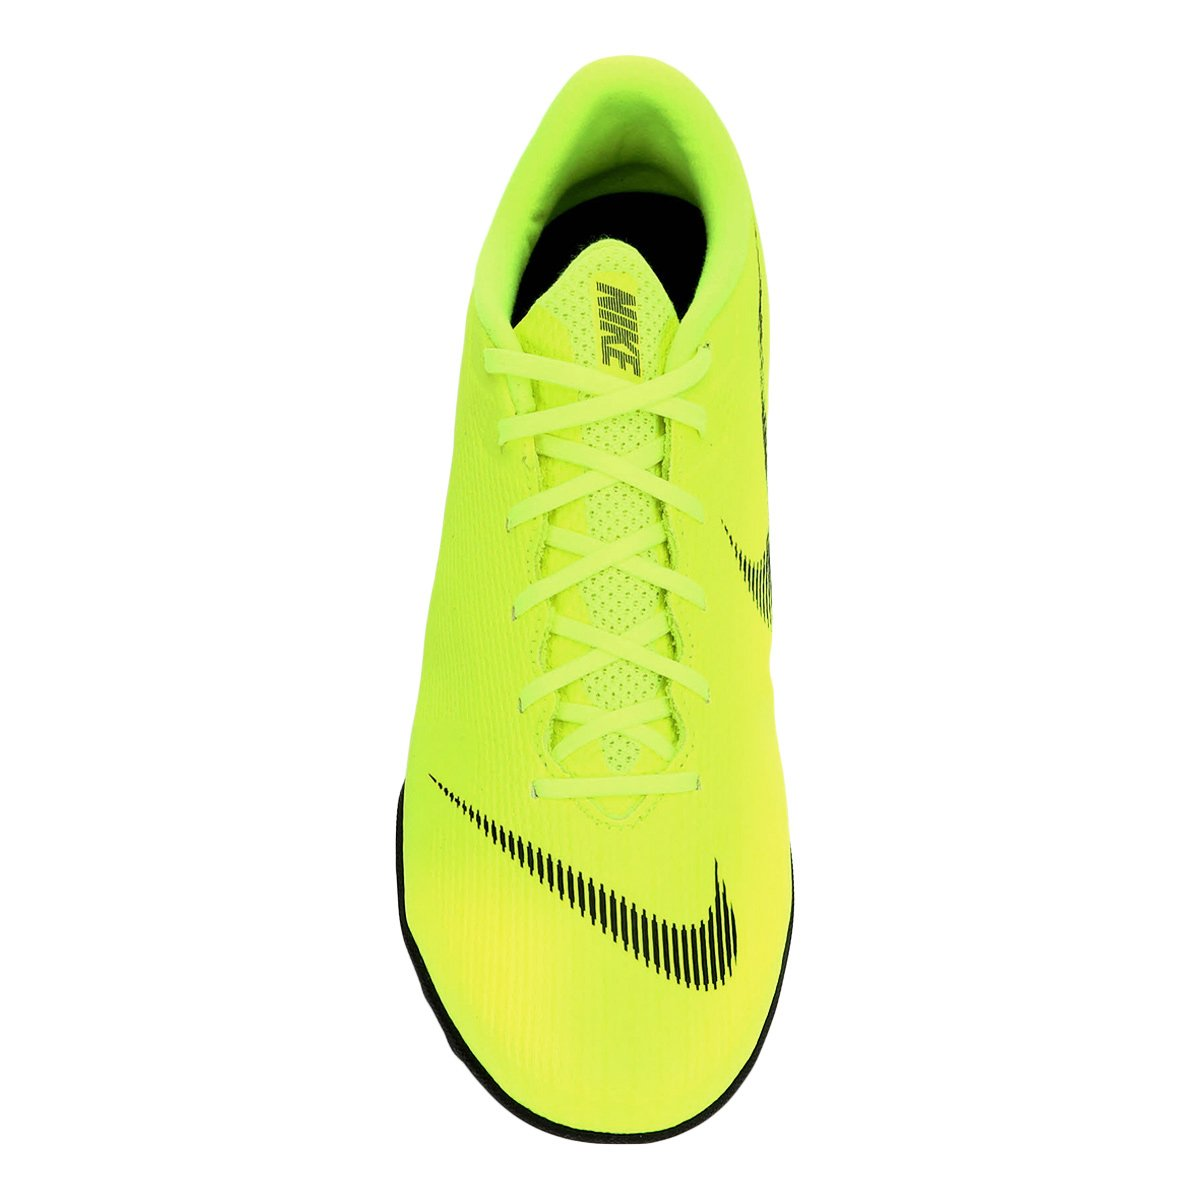 Chuteira Society Nike Mercurial Vapor 12 Academy - Amarelo e Preto ... 424fa57abe99d